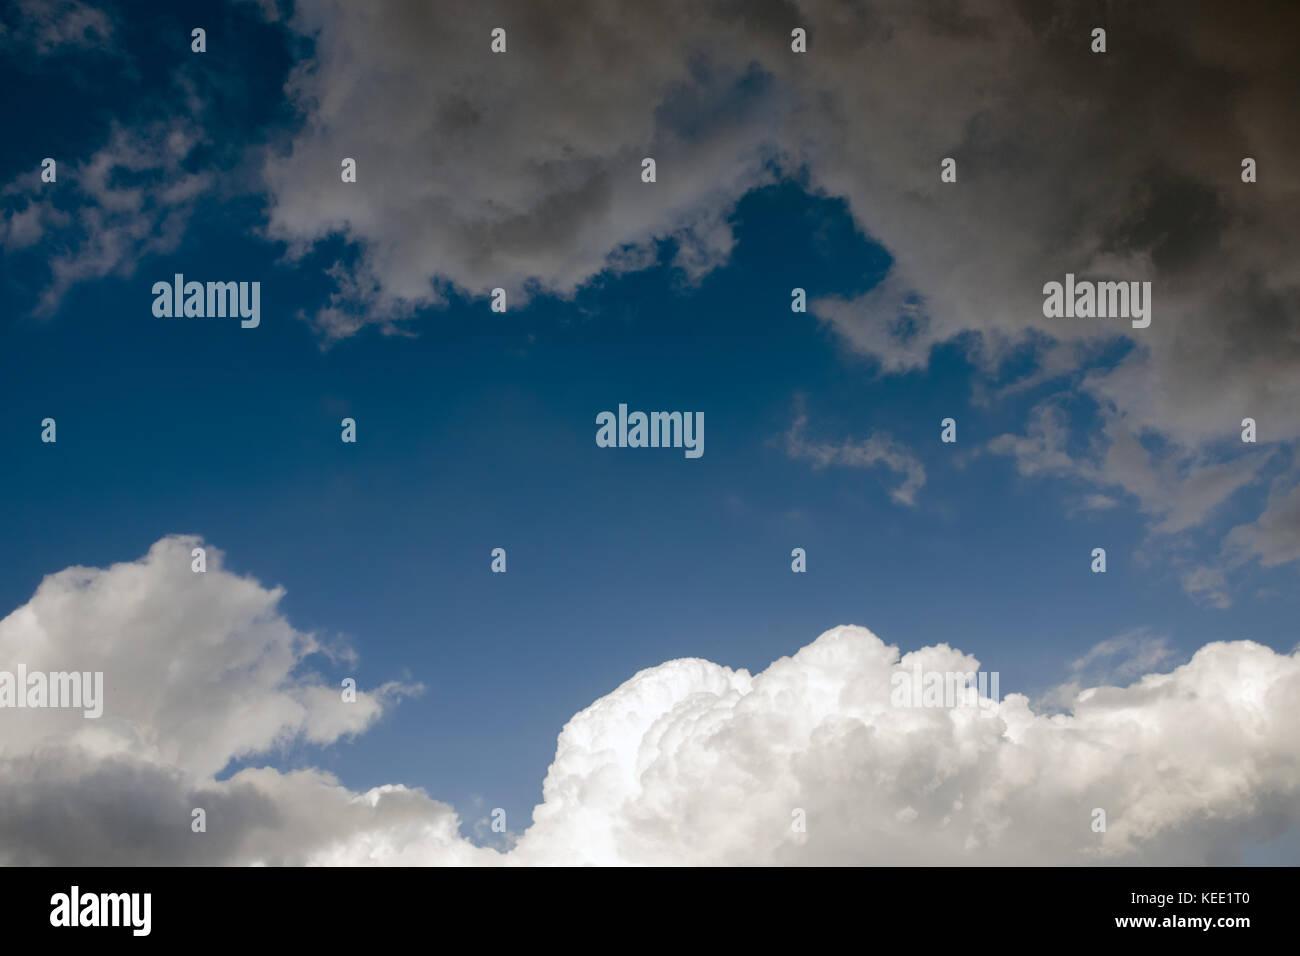 Dramatische Himmel mit dunklen grau regen und weiße Wolken. abstrakten Konfrontation. Stockbild